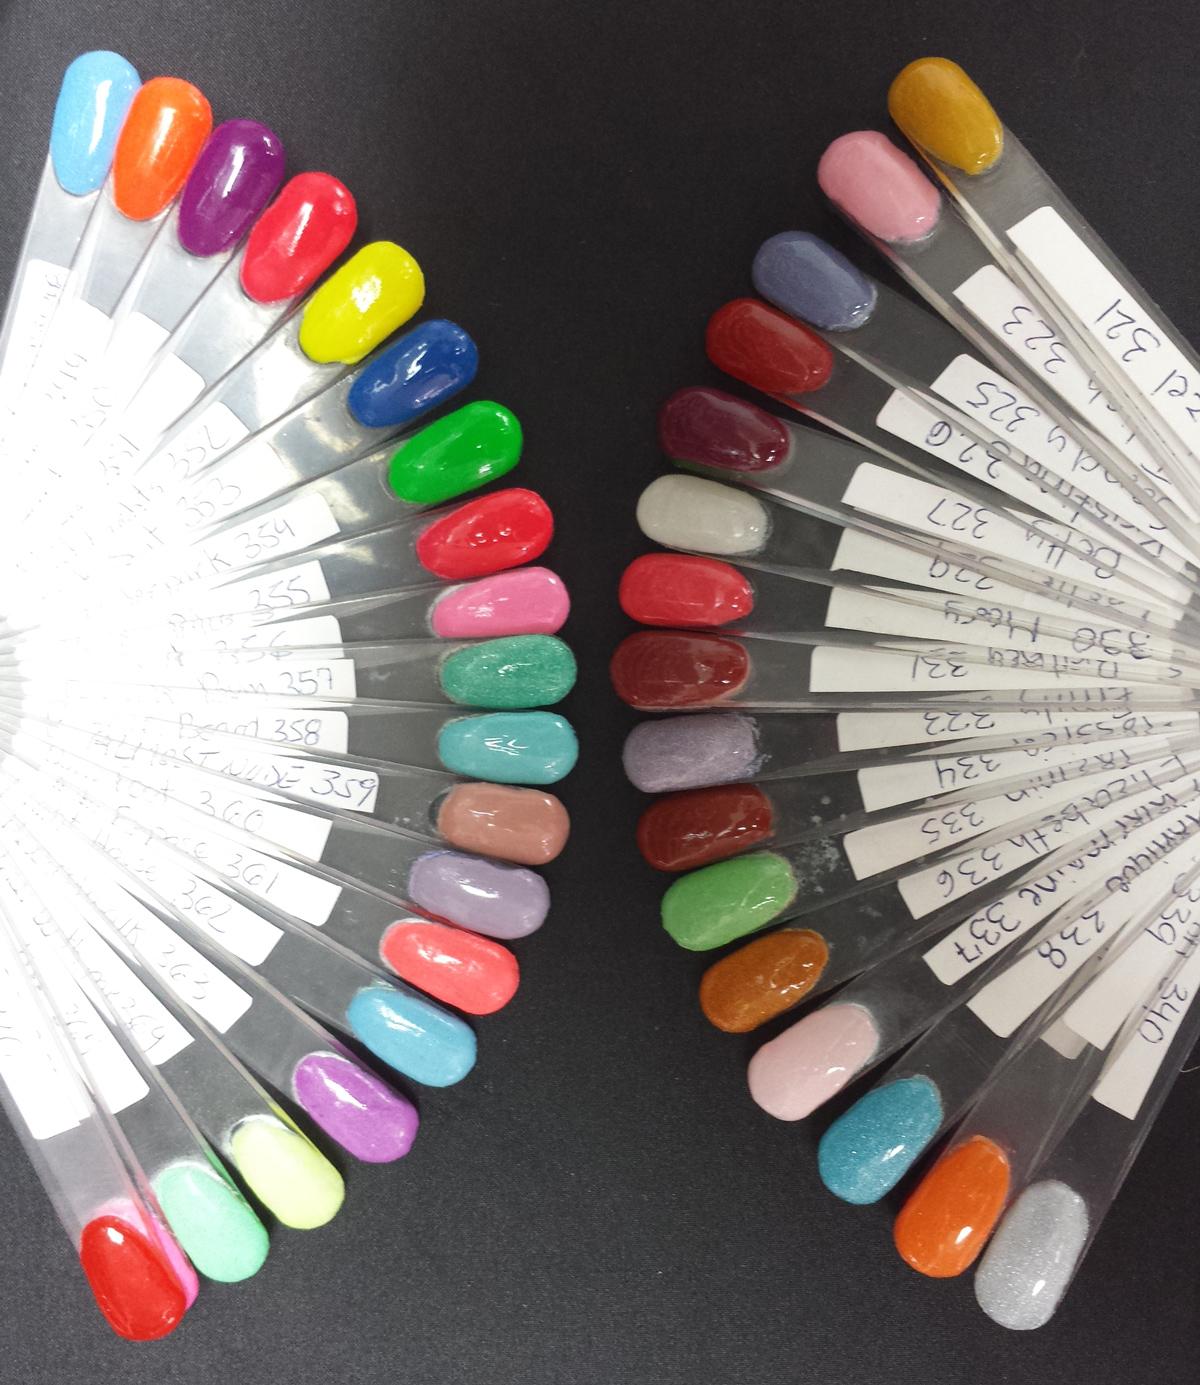 poudres color e comment a marche r sine gel uv acrylique. Black Bedroom Furniture Sets. Home Design Ideas